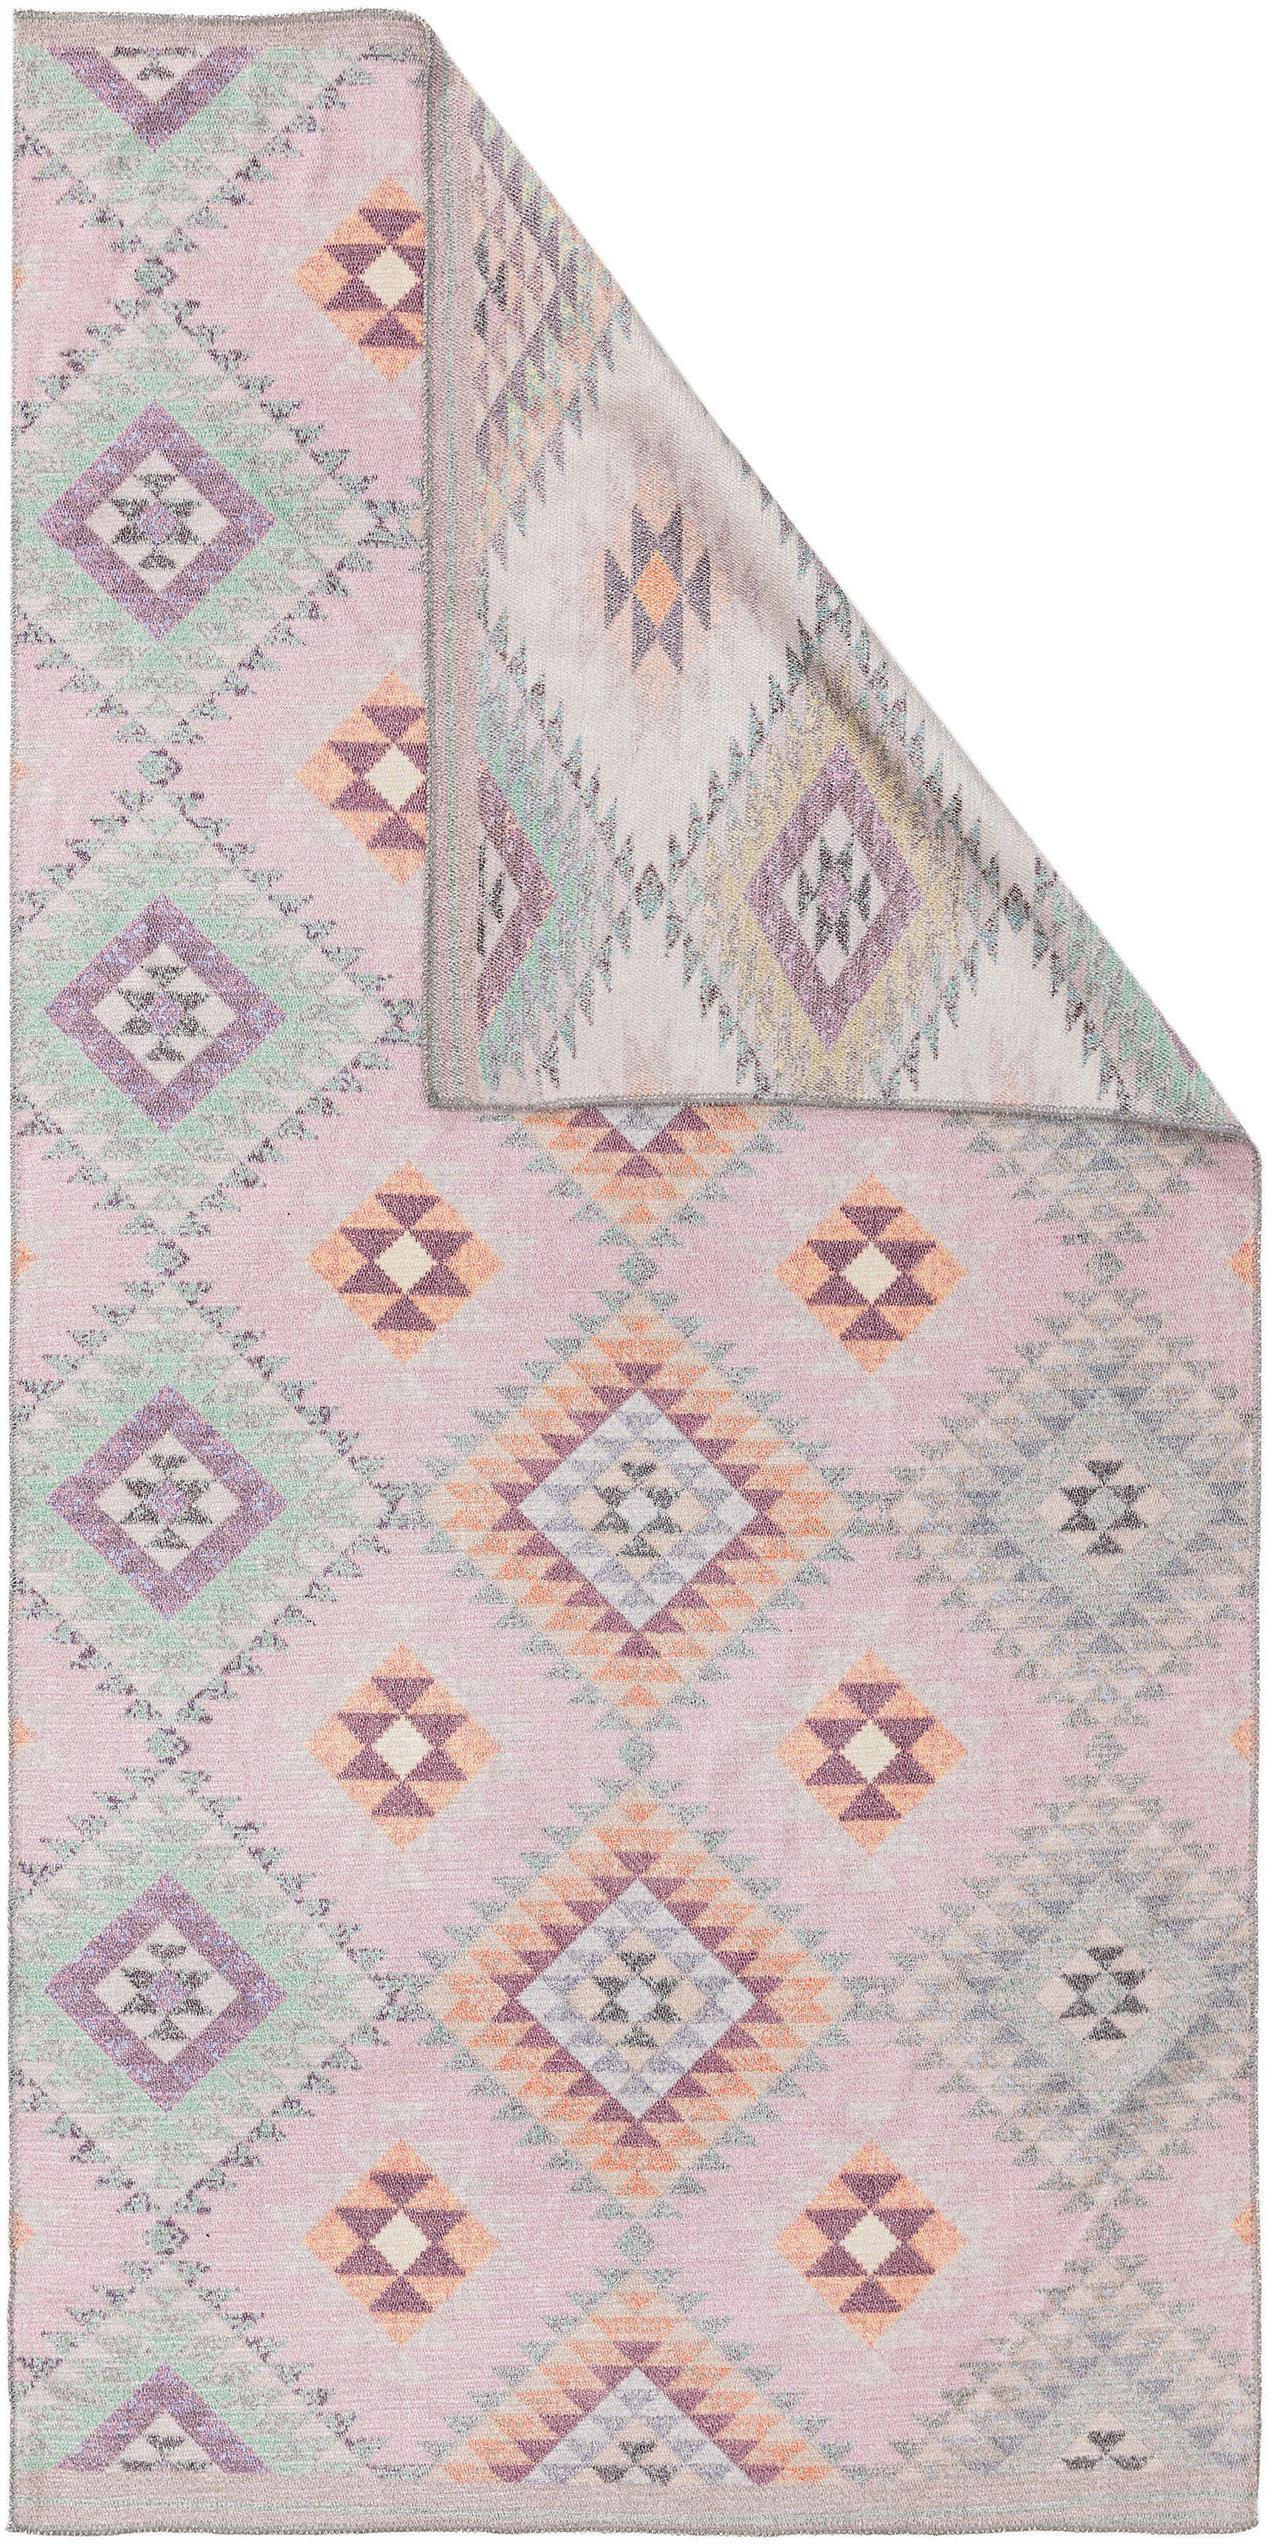 Dubbelzijdig vloerkleed Kelim Ana met ethnopatroon in rozetinten, 80% polyester 20% katoen, Roze, multicolour, B 75 x L 150 cm (maat XS)